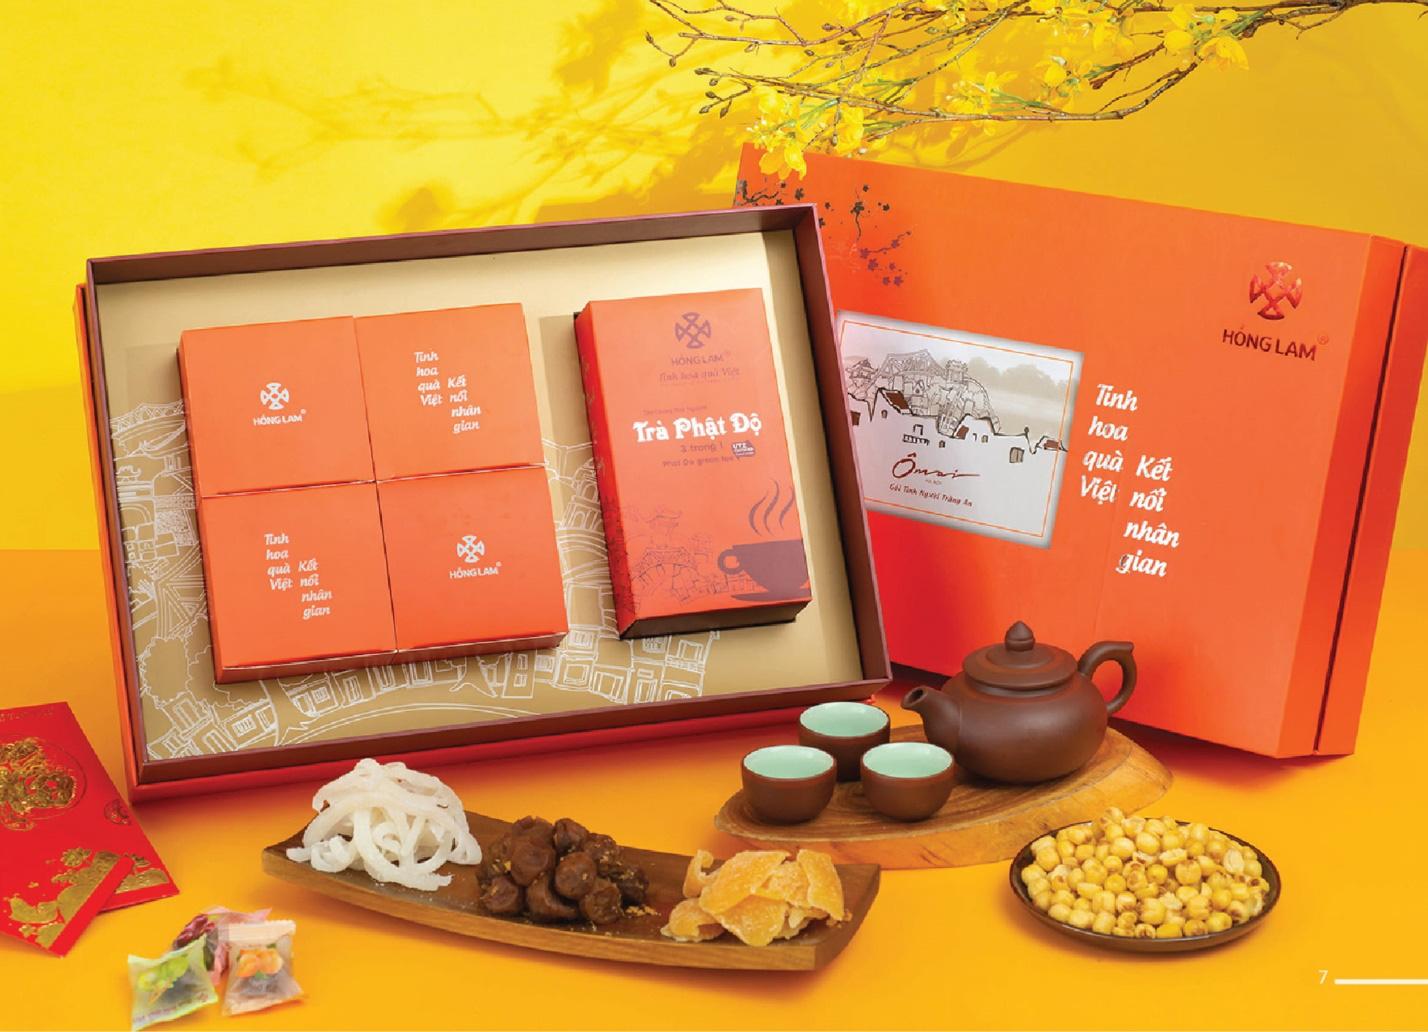 Sát Tết, phải chuẩn bị chọn ngay những bộ quà tuyệt phẩm từ ô mai Hồng Lam - Ảnh 5.